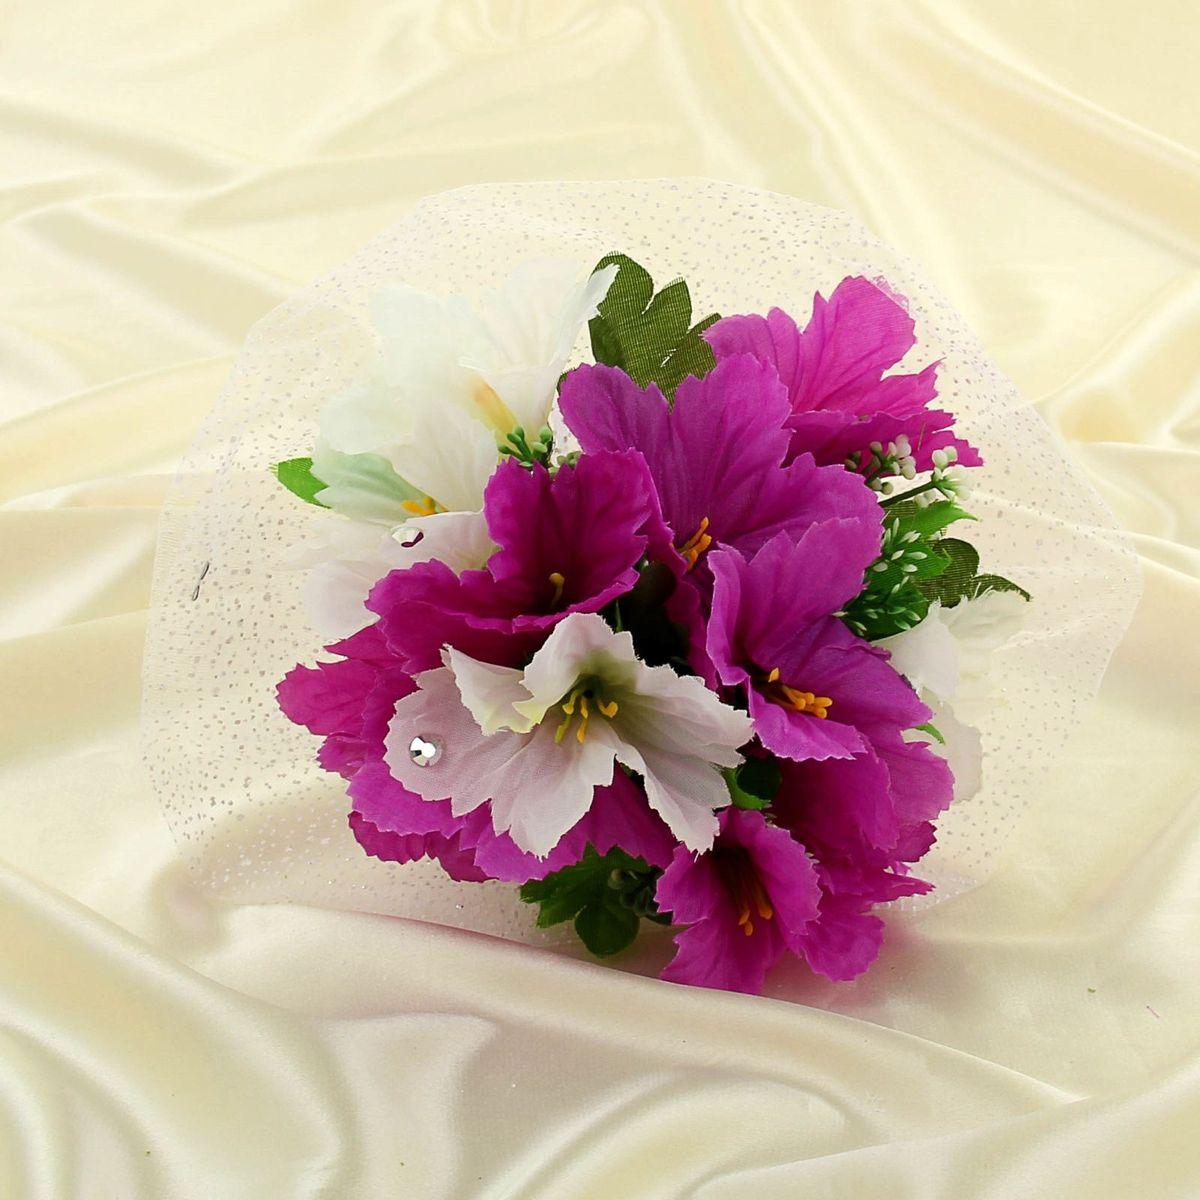 Букет-дублер Sima-land, цвет: бело-фиолетовый. 11350881135088Современные невесты используют букеты из искусственных материалов, потому что они легче, дешевле и не рассыпаются в полёте. Ведь для многих незамужних подружек поймать букет на свадьбе — шанс осуществления заветной мечты.Кроме свадебной тематики изделие используют для фотосессий, так как оно не утрачивает праздничный вид даже в непогоду, и как элемент украшения интерьера. Оригинальный букет будет, несомненно, в центре внимания на торжественном событии.